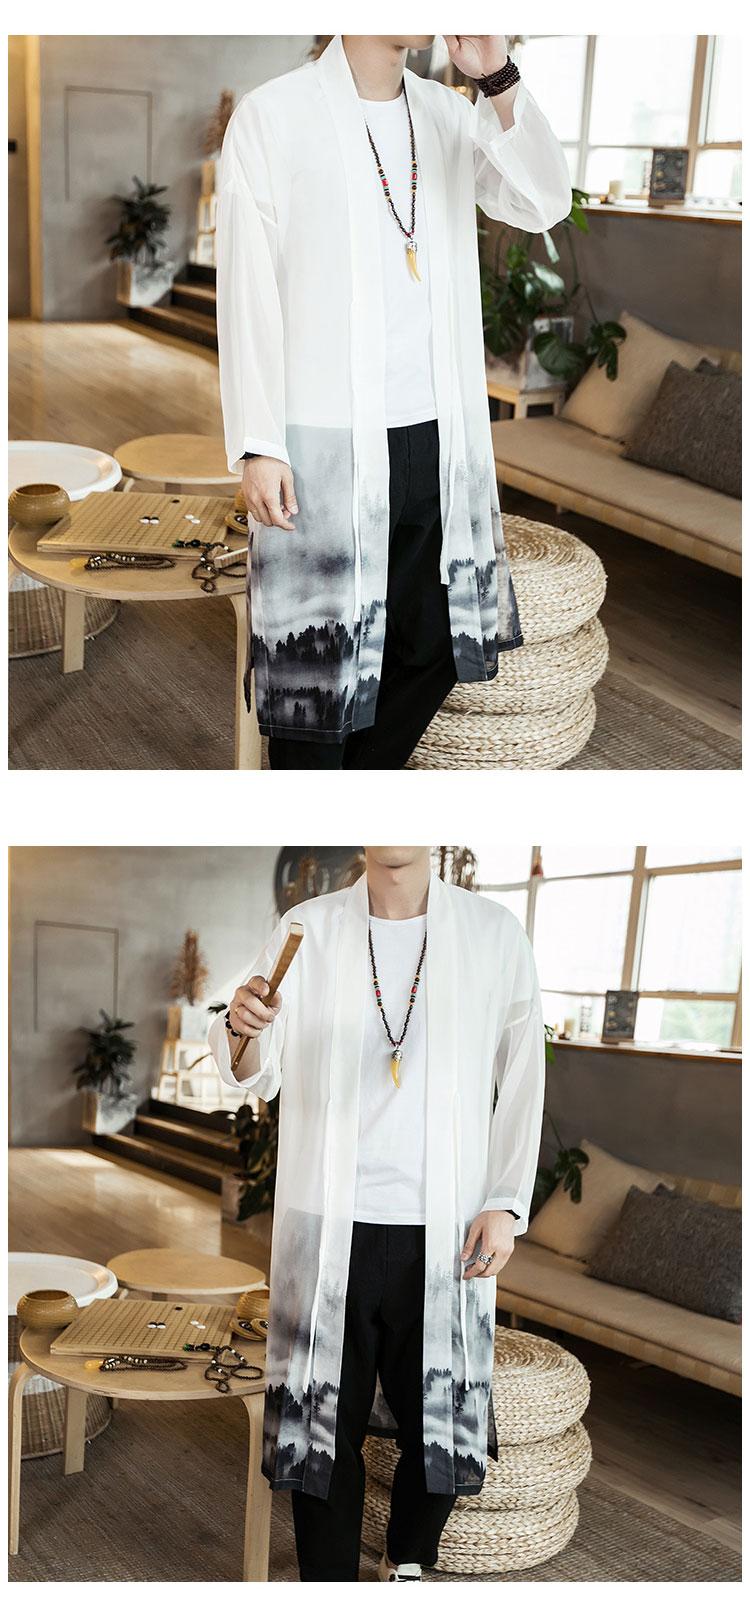 Retro Trung Quốc phong cách đàn ông của mùa hè siêu mỏng kem chống nắng quần áo voan áo gió áo khoác nam kem chống nắng quần áo cardigan